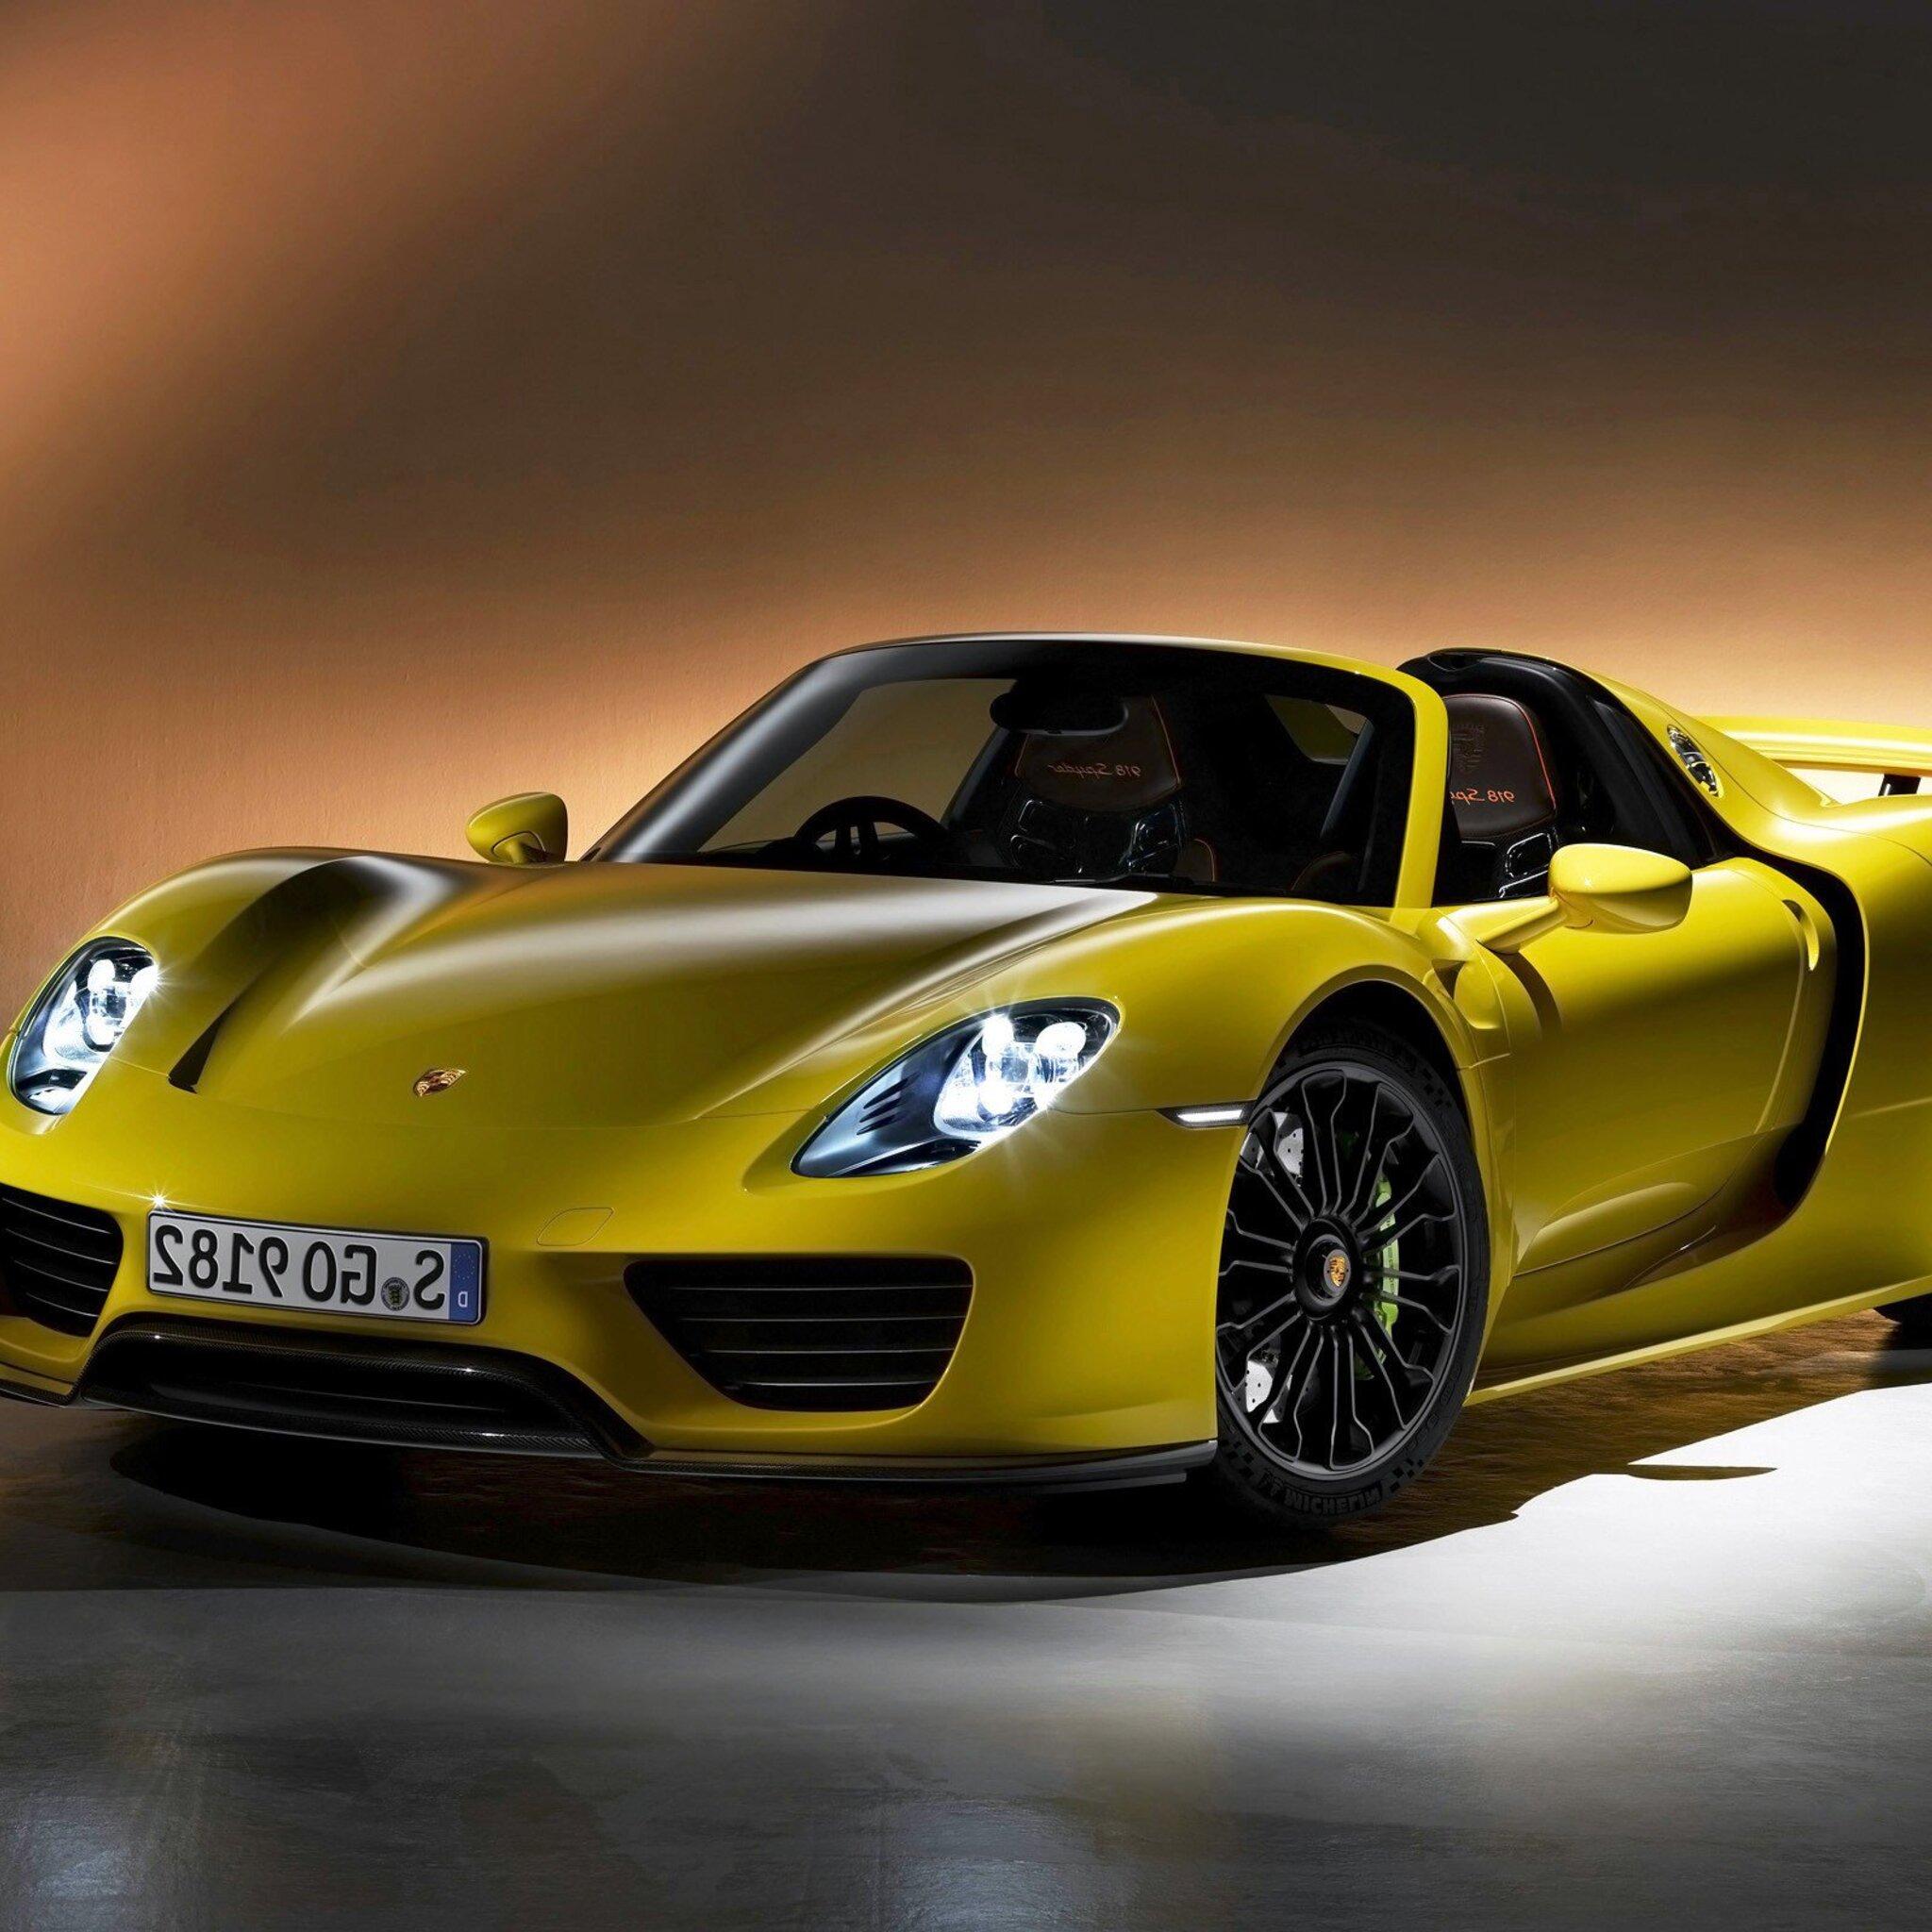 Porsche Car Wallpaper: 2048x2048 Porsche 918 Spyder Desktop Ipad Air HD 4k